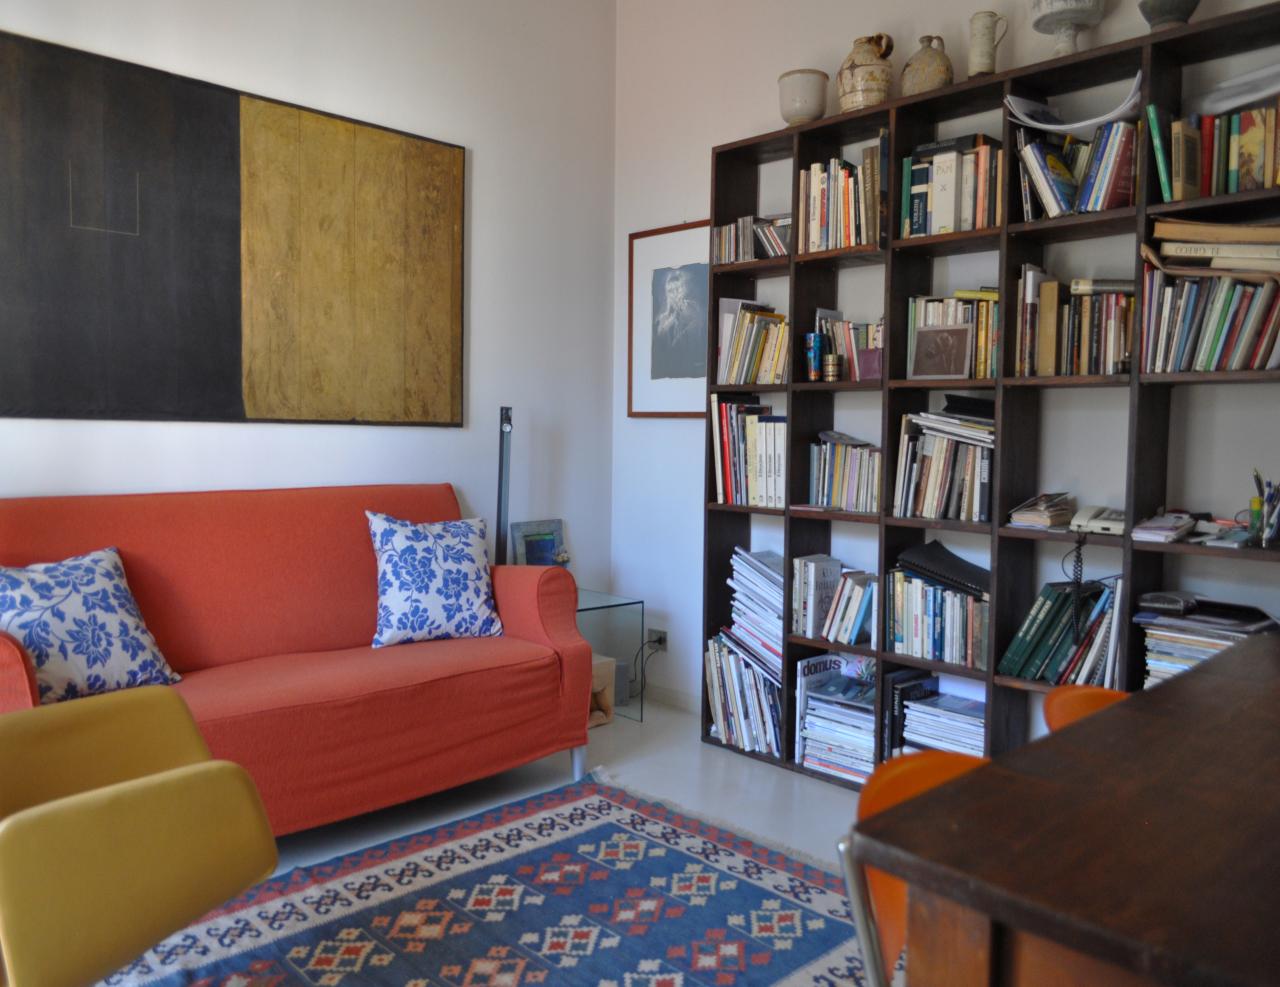 Appartamento in vendita a Villanuova sul Clisi, 3 locali, prezzo € 126.000   PortaleAgenzieImmobiliari.it